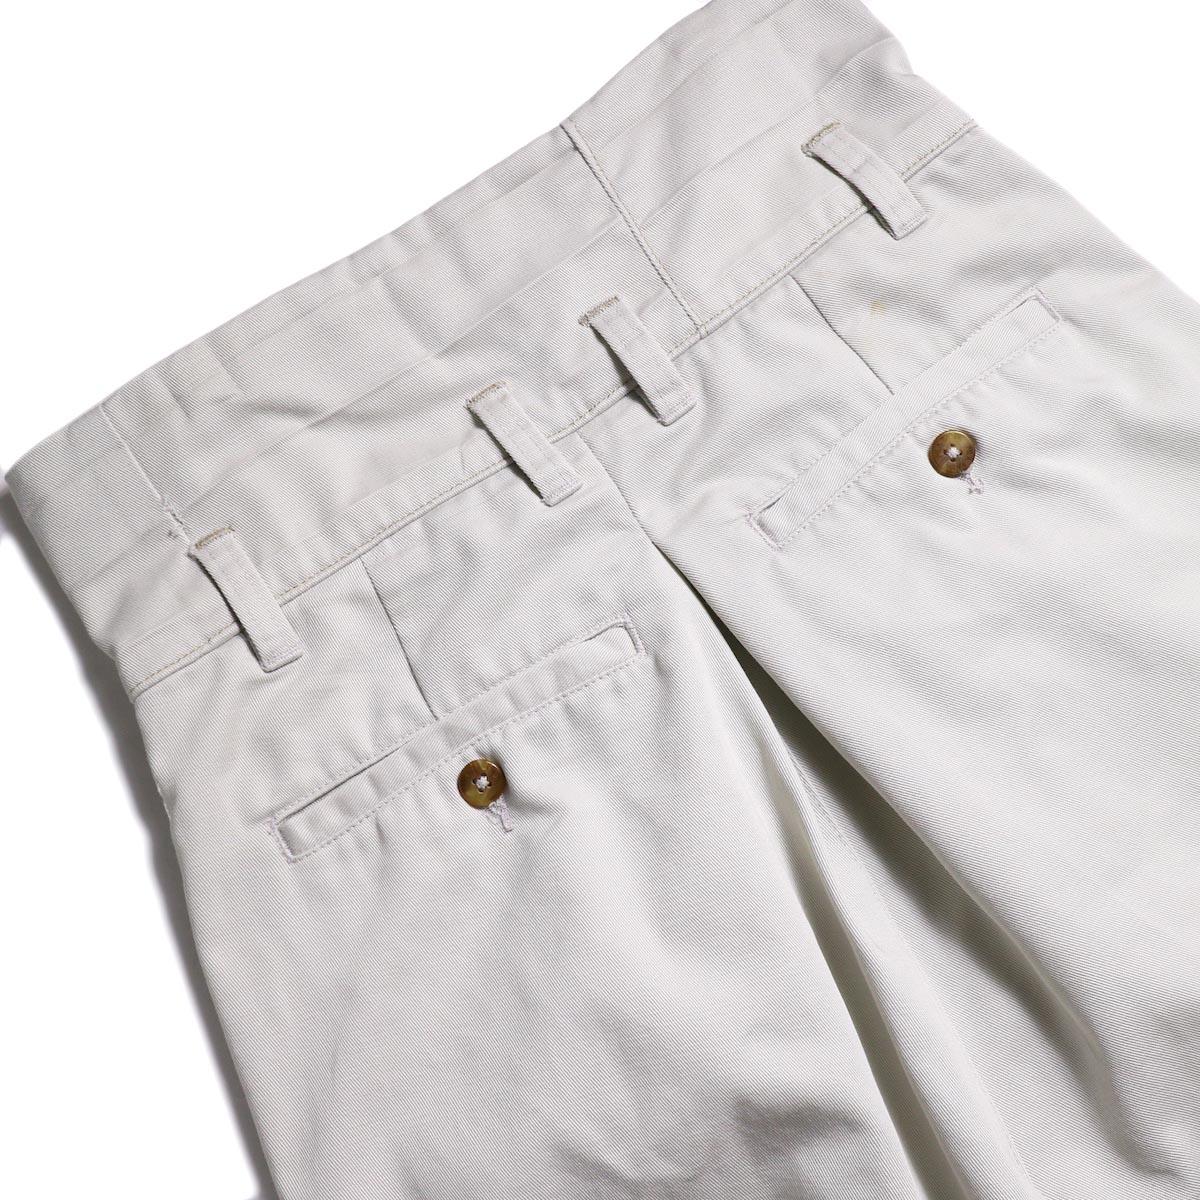 BONUM / HIGH WAIST CHINO PT (C) バックポケット